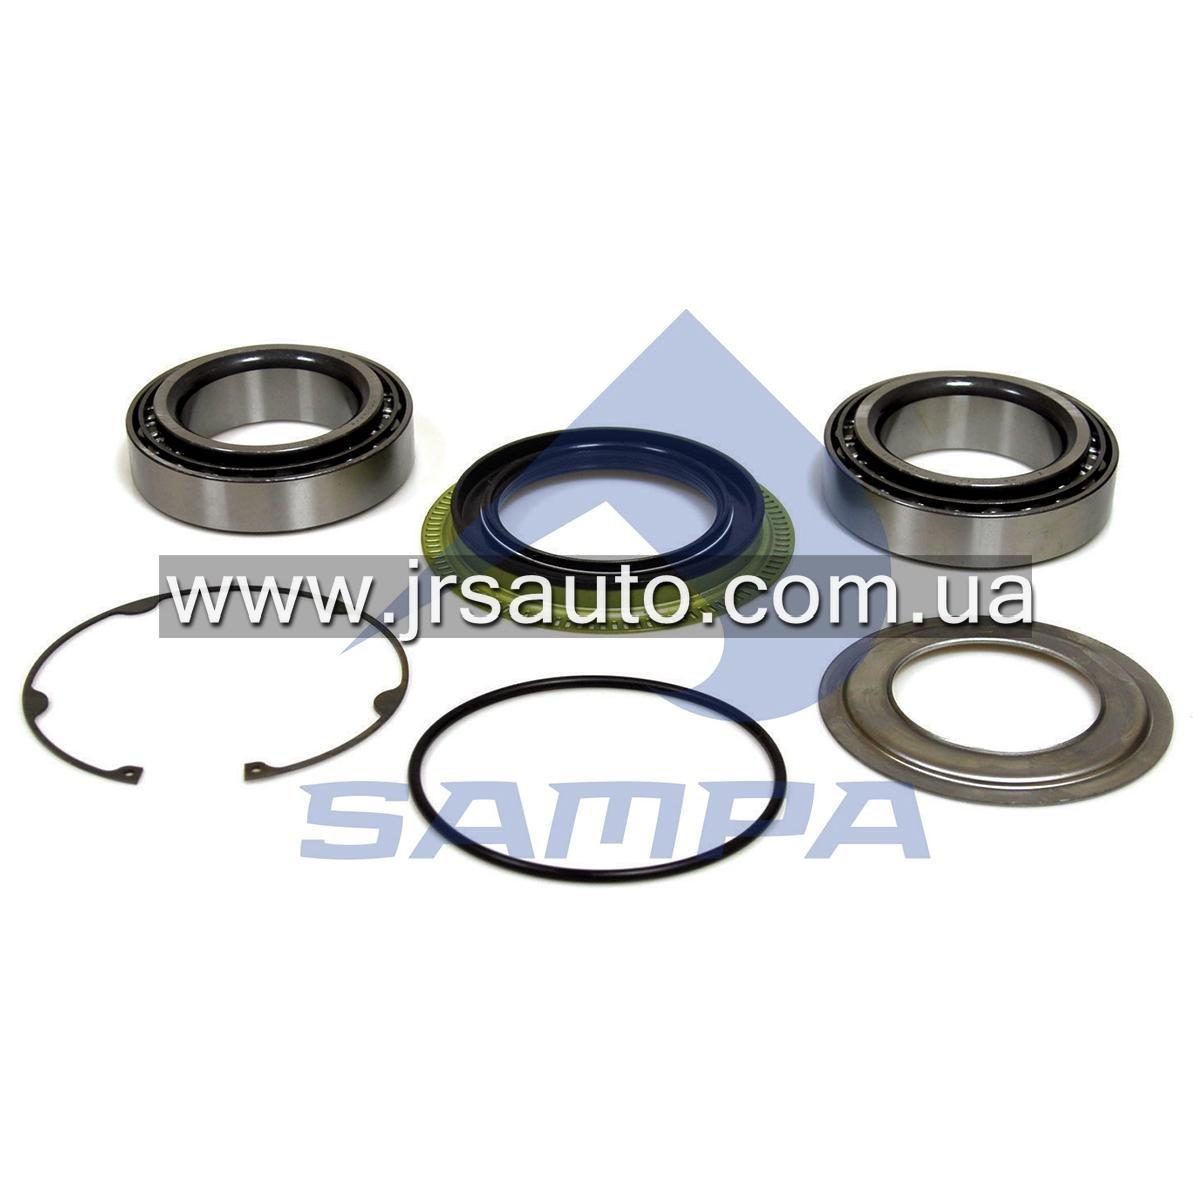 Ремкомплект ступицы колеса (d90xd147x40 mm) \M100888 \ 088.508